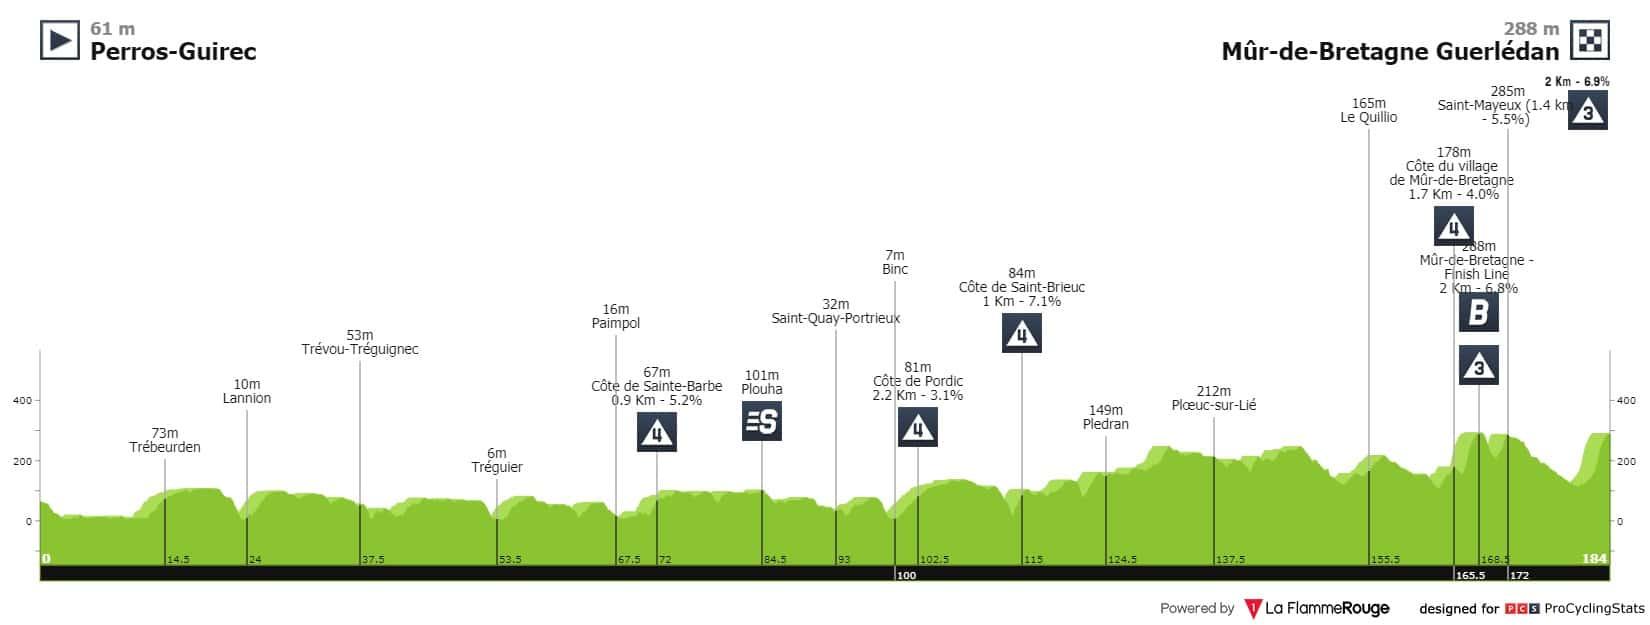 Perfil etapa 2 del Tour de Francia 2021